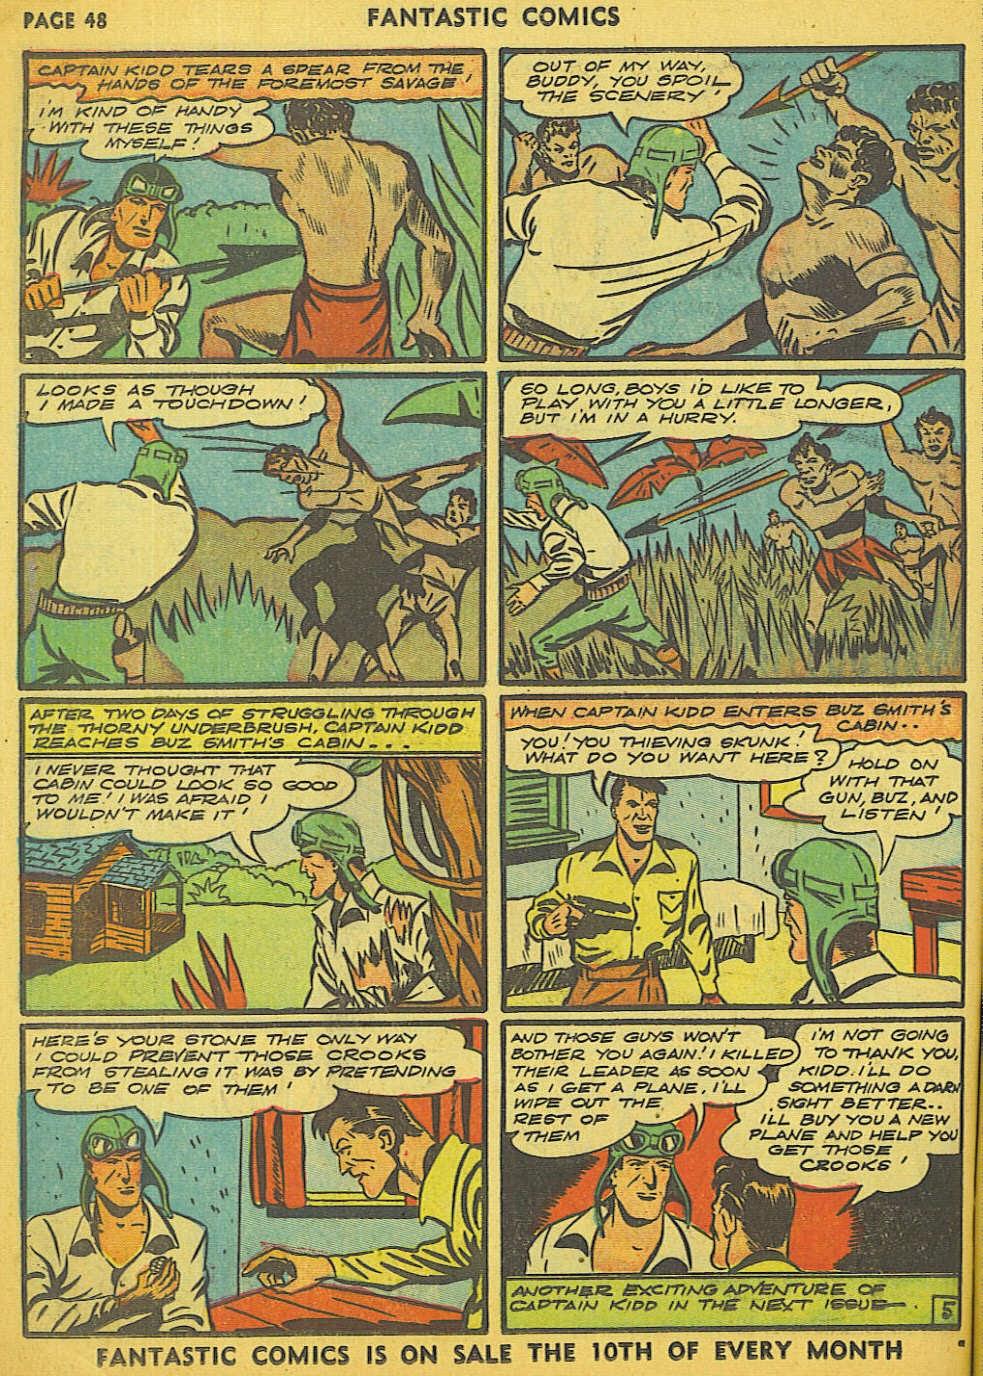 Read online Fantastic Comics comic -  Issue #15 - 42